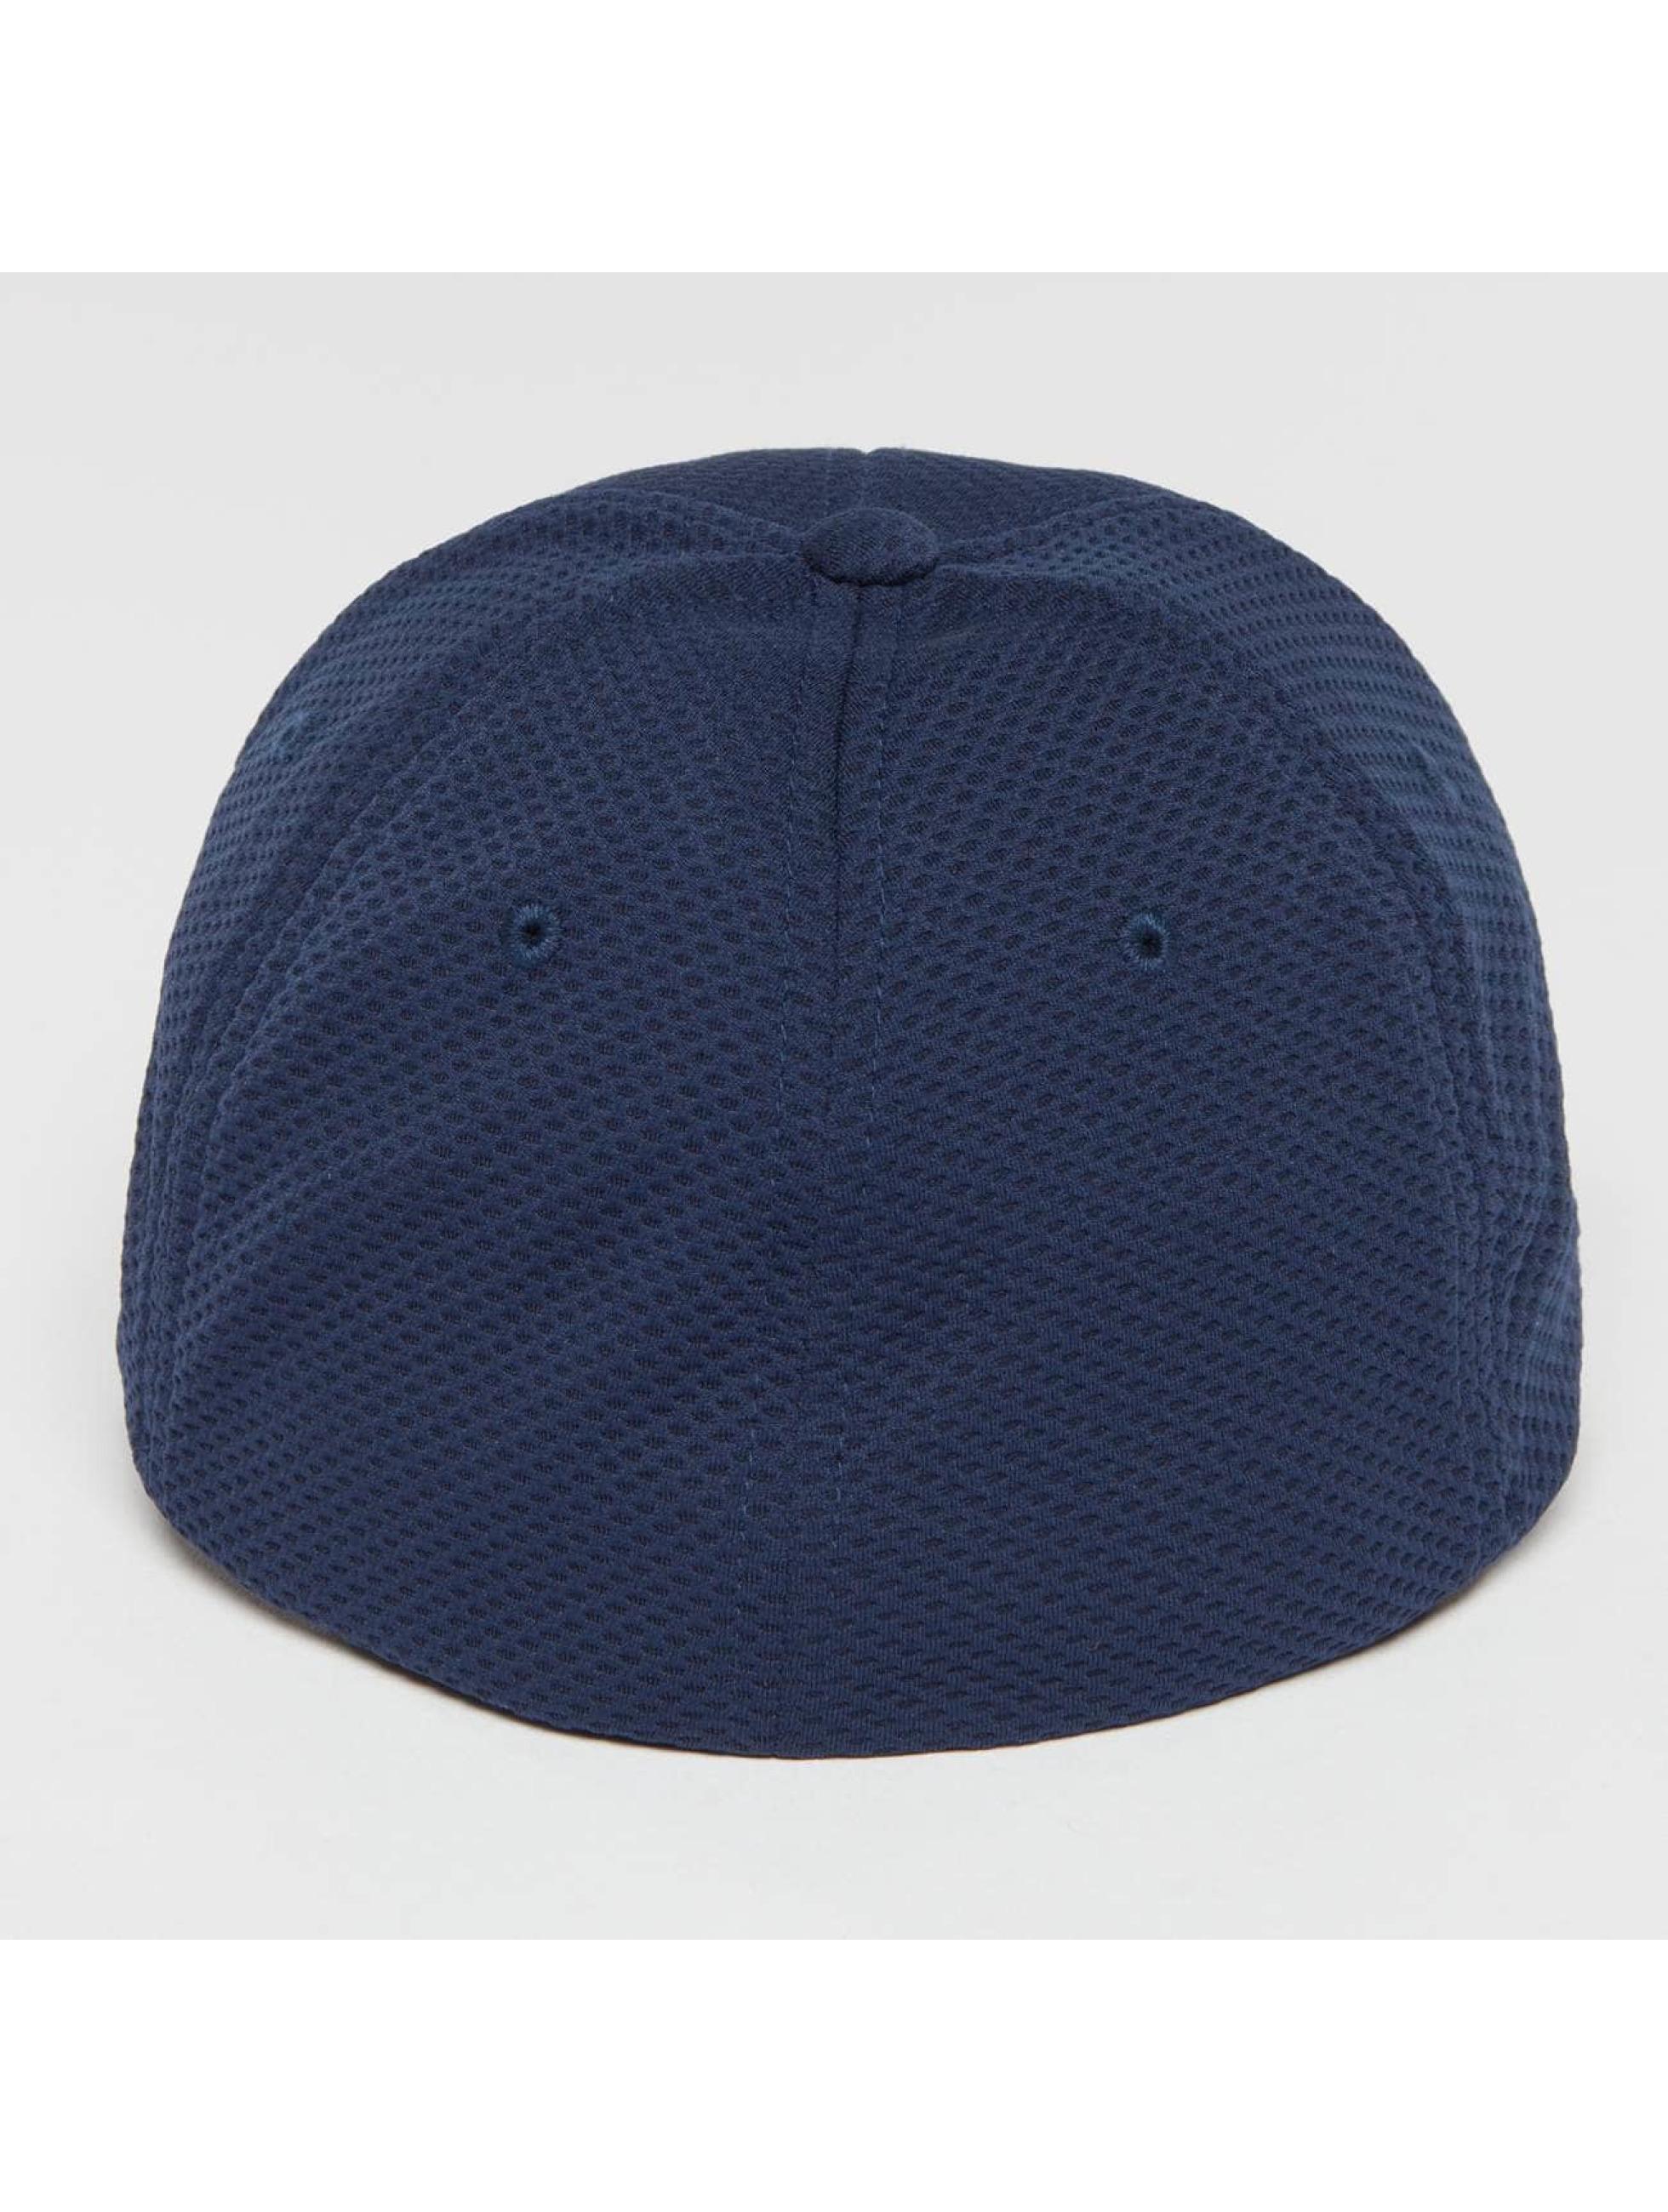 Flexfit Gorras Flexfitted 3D Hexagon azul